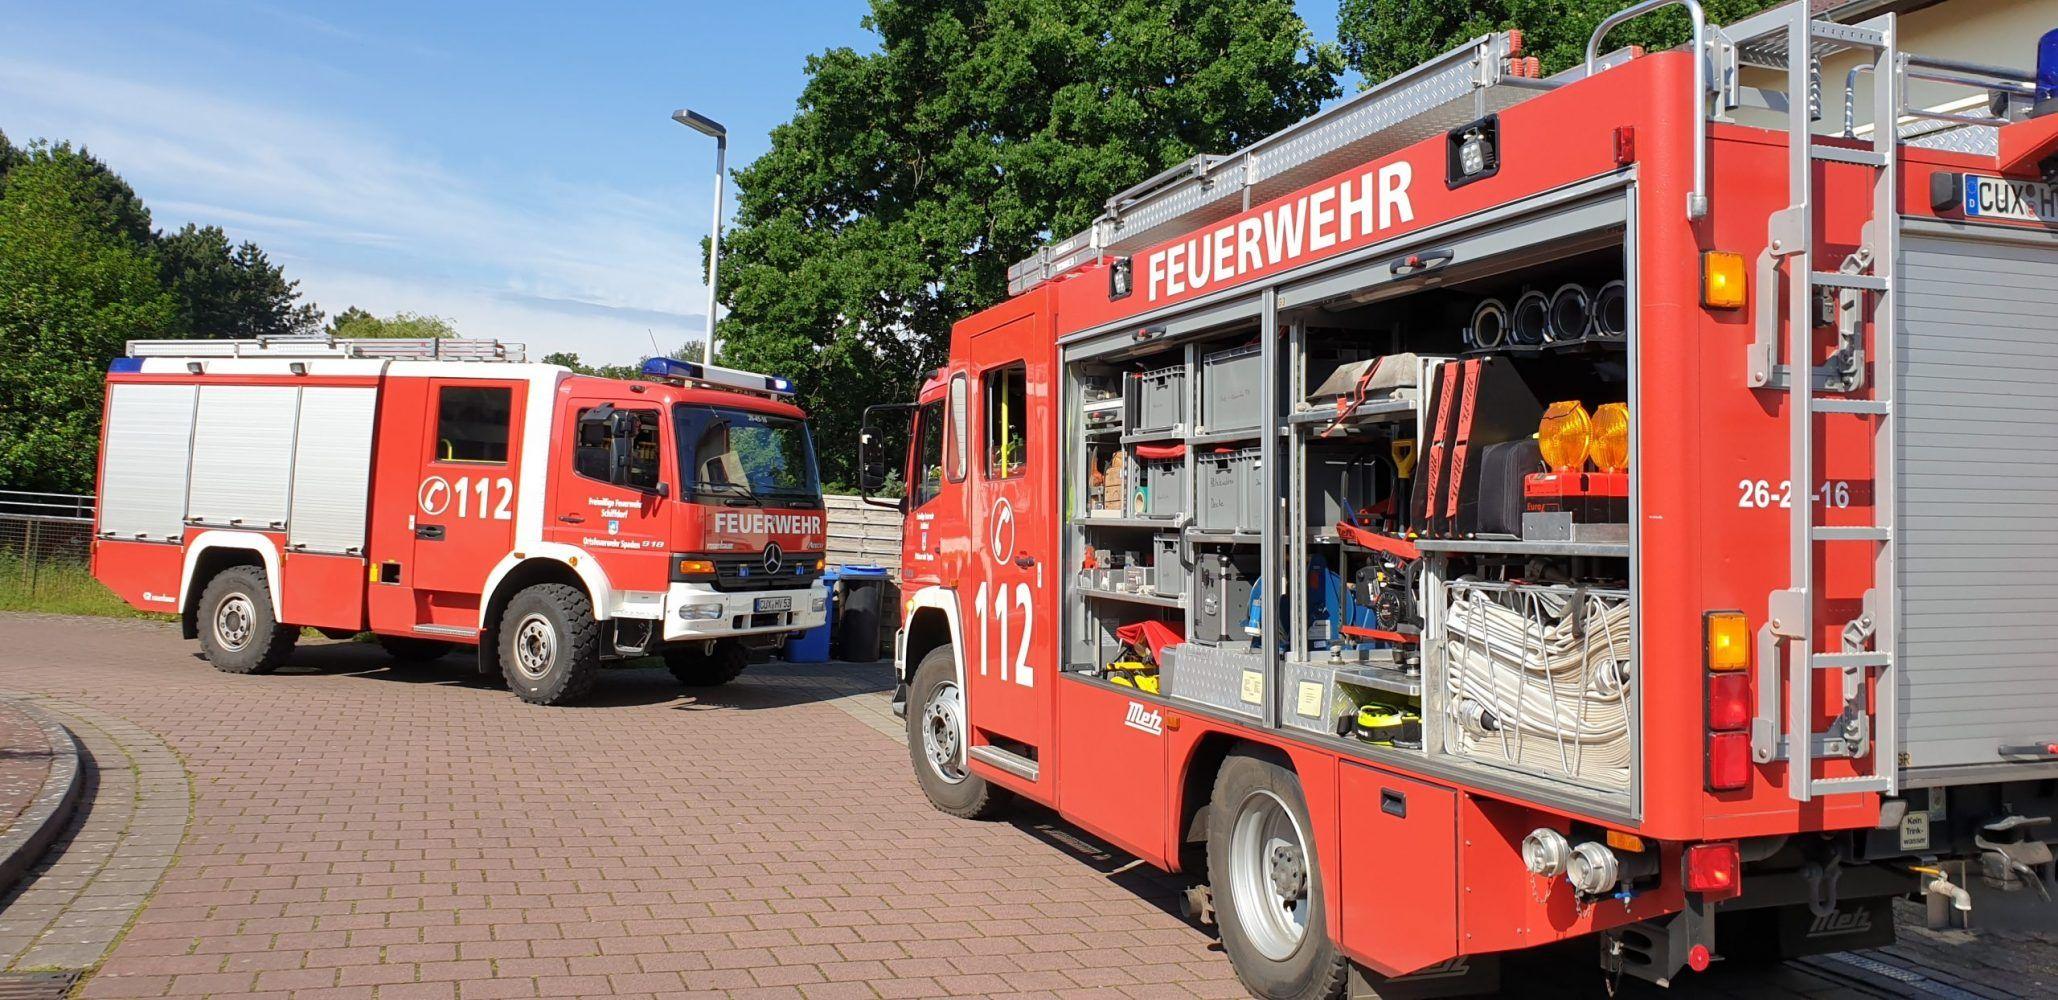 Kind In Pkw Eingeschlossen Feuerwehr Schlagt Scheibe Ein Feuerwehr Hilfswerk Lungenfibrose